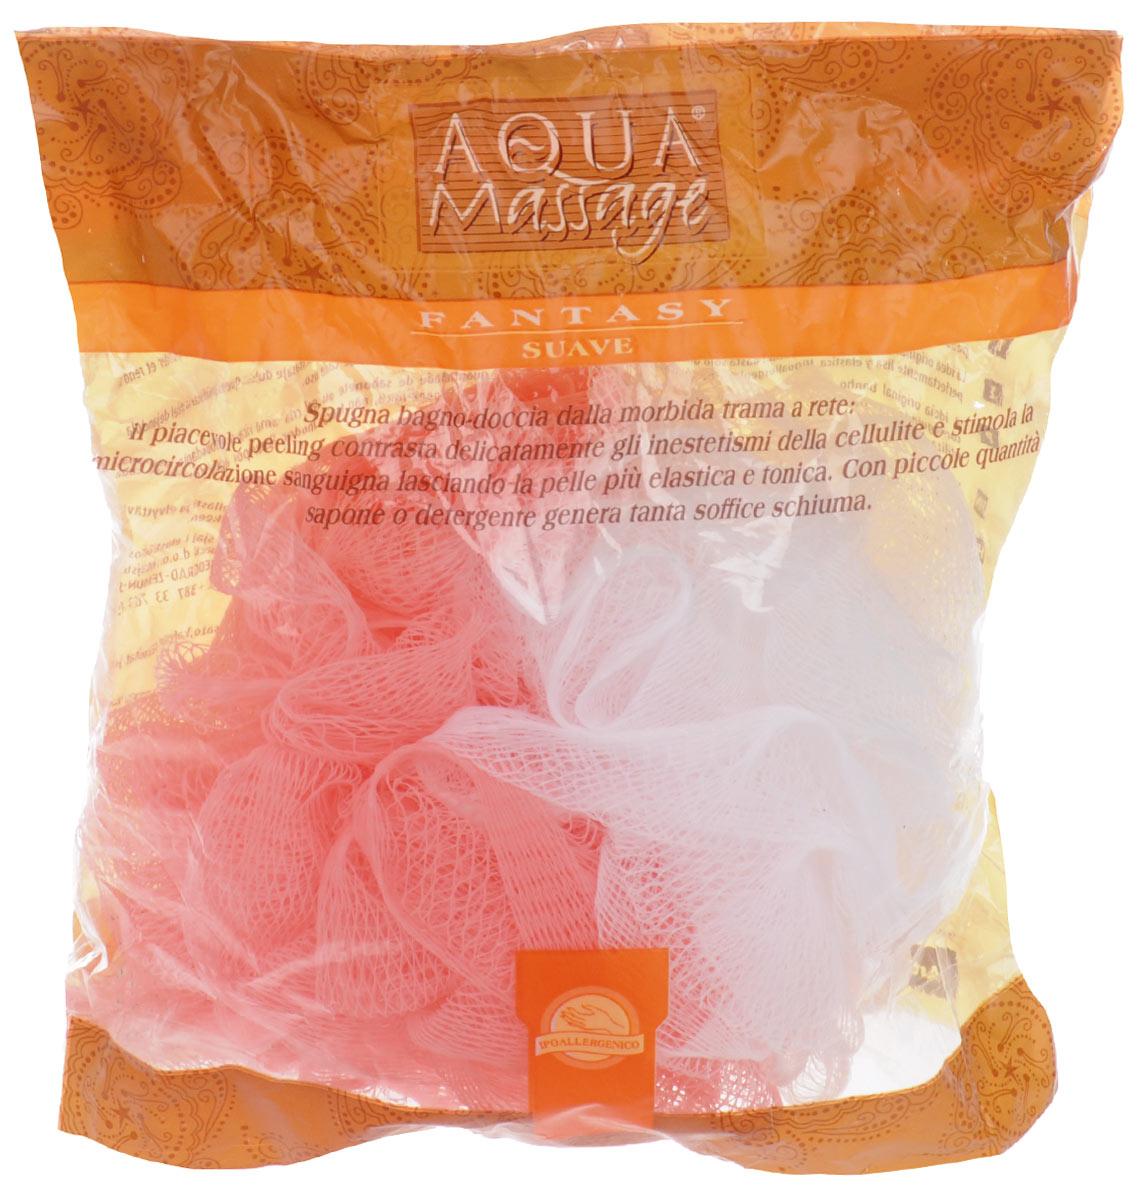 Мочалка Arix, с массажным эффектом, цвет: розовый, белый, 15 см х 12 см х 17 смAR958_розовый, белыйМочалка Arix изготовленная из синтетических волокон, превосходно массажирует, тонизирует и очищает кожу без раздражения. Делает ее эластичной и гладкой. Используется даже с минимальным количеством мыла, образуя много пены. Изделие оснащено петелькой для удобного подвешивания в ванне.